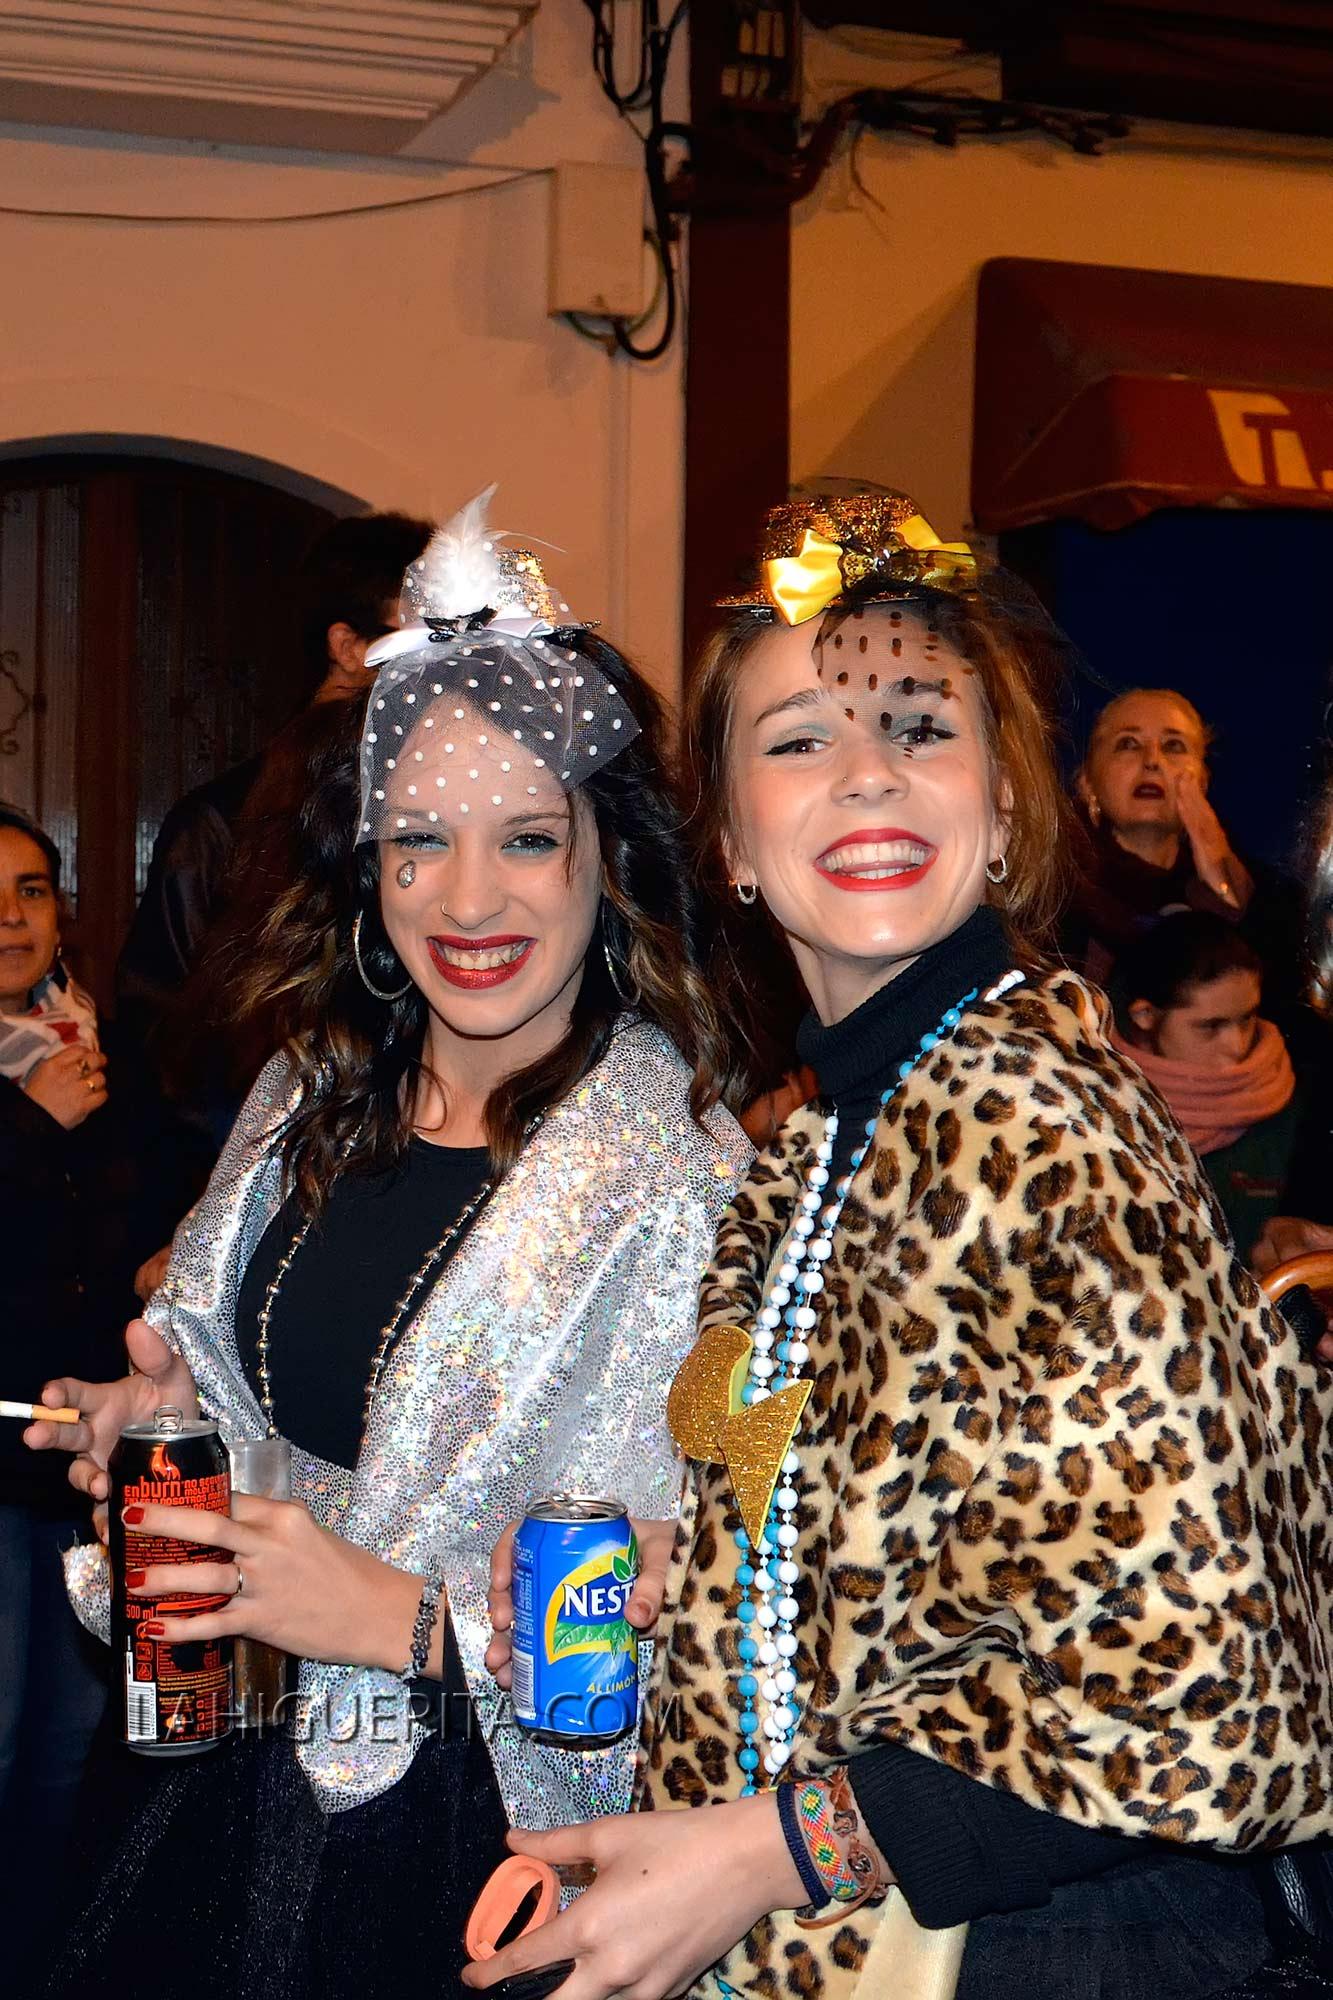 Entierro de la sardina carnaval isla cristina _DSC2098